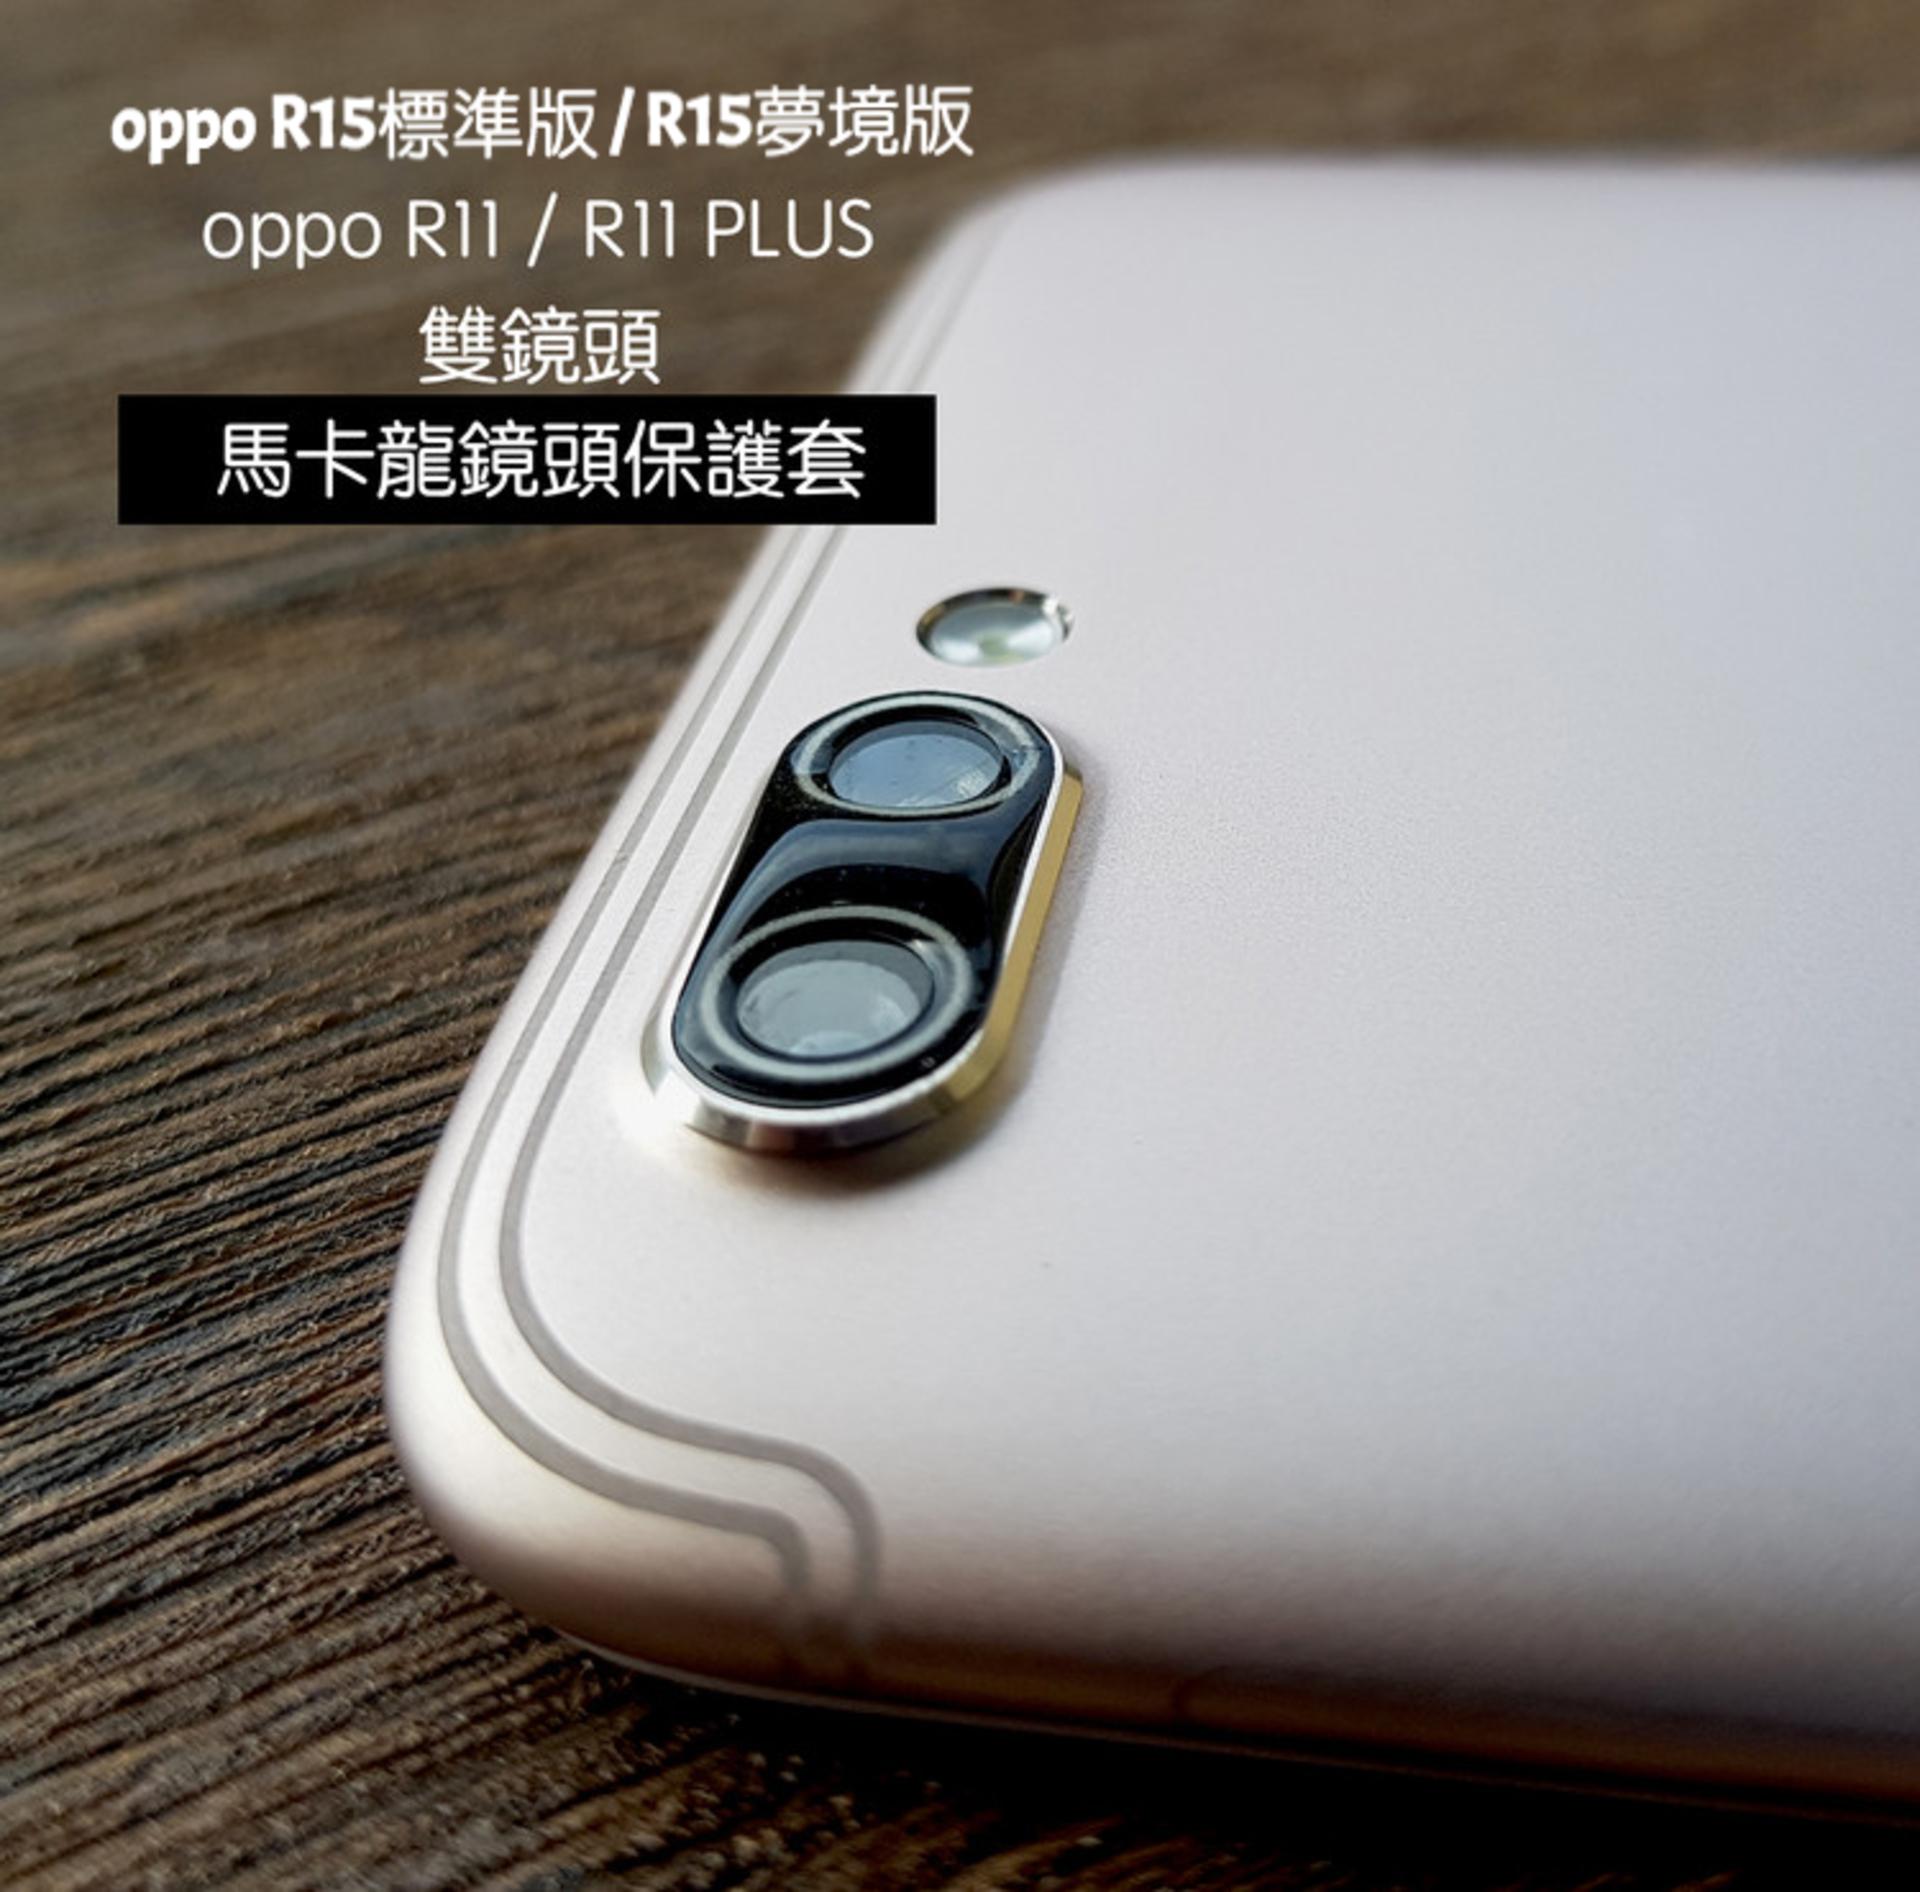 【VP吸血鬼】oppo R15 標準 夢境 R11s R11 R11 PLUS 馬卡龍鏡頭保護套